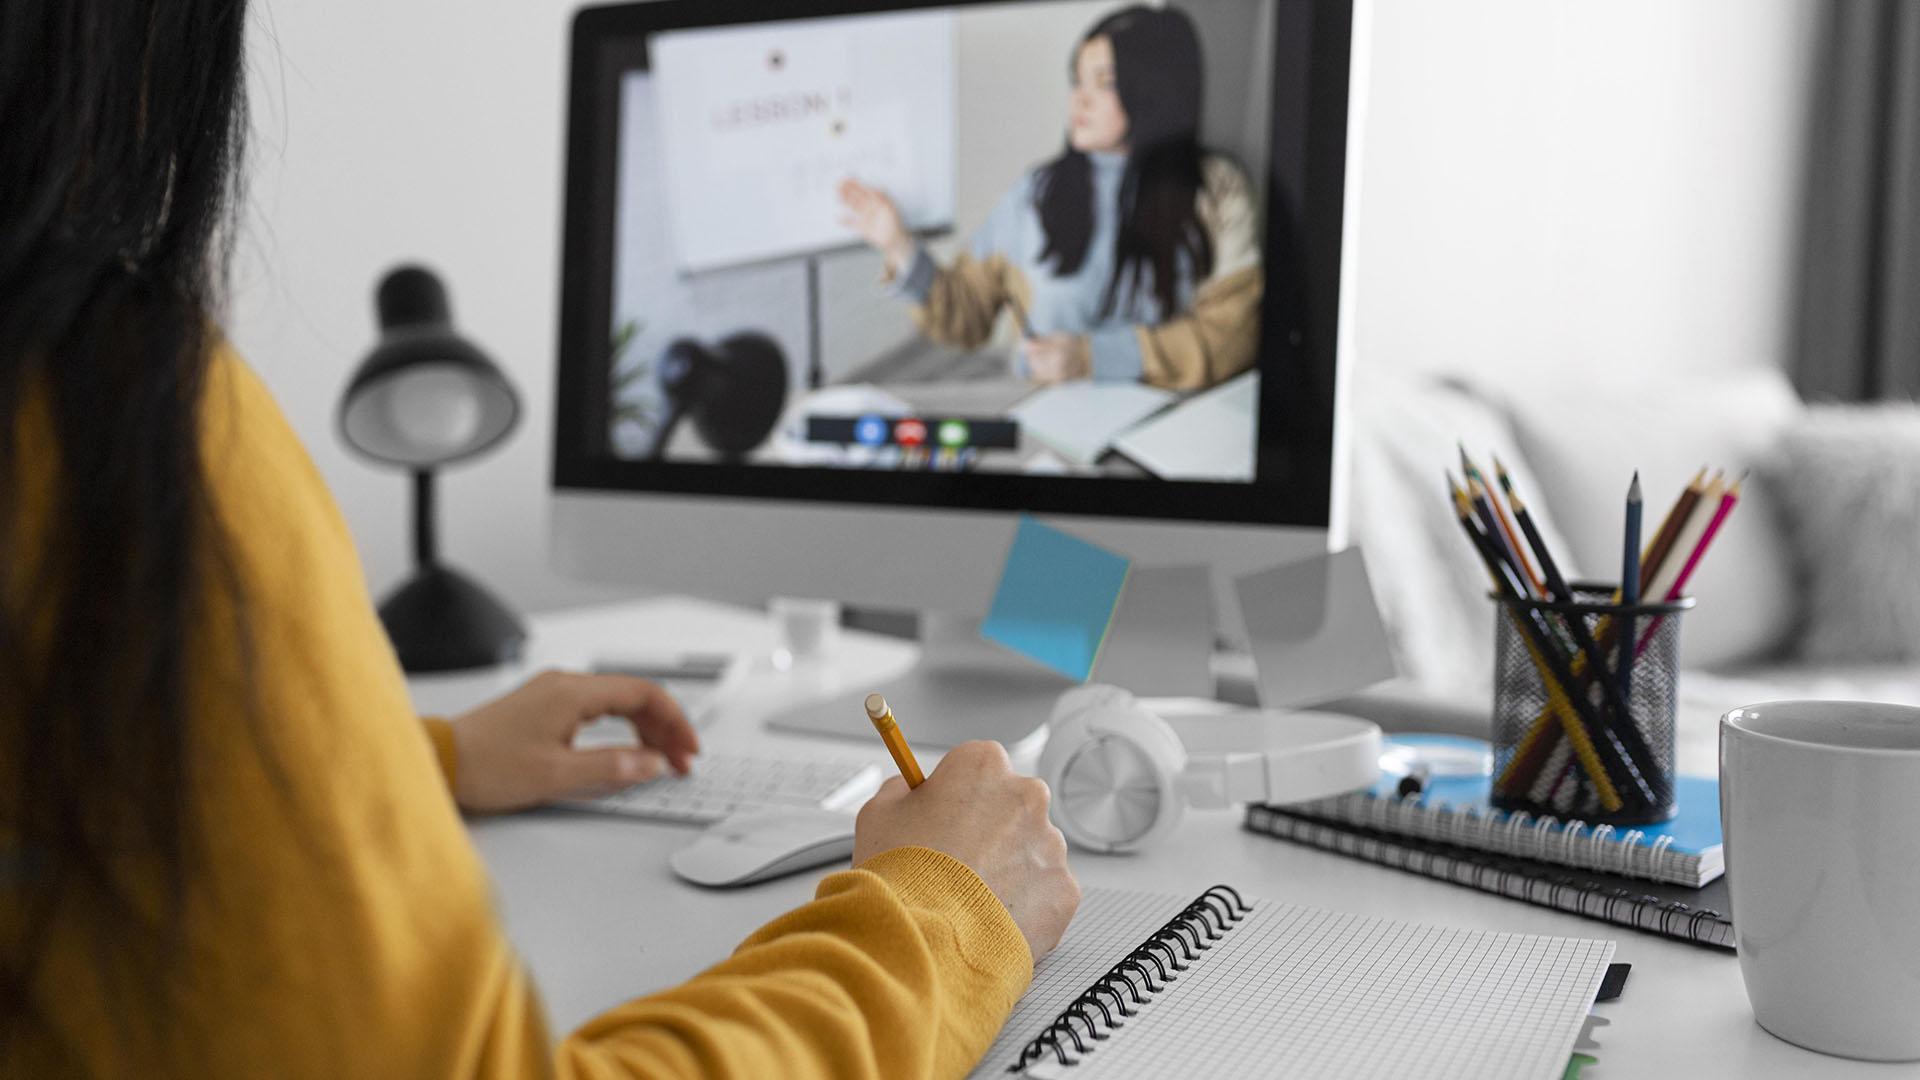 ¿Cómo tu empresa puede beneficiarse de los cursos de e-learning?